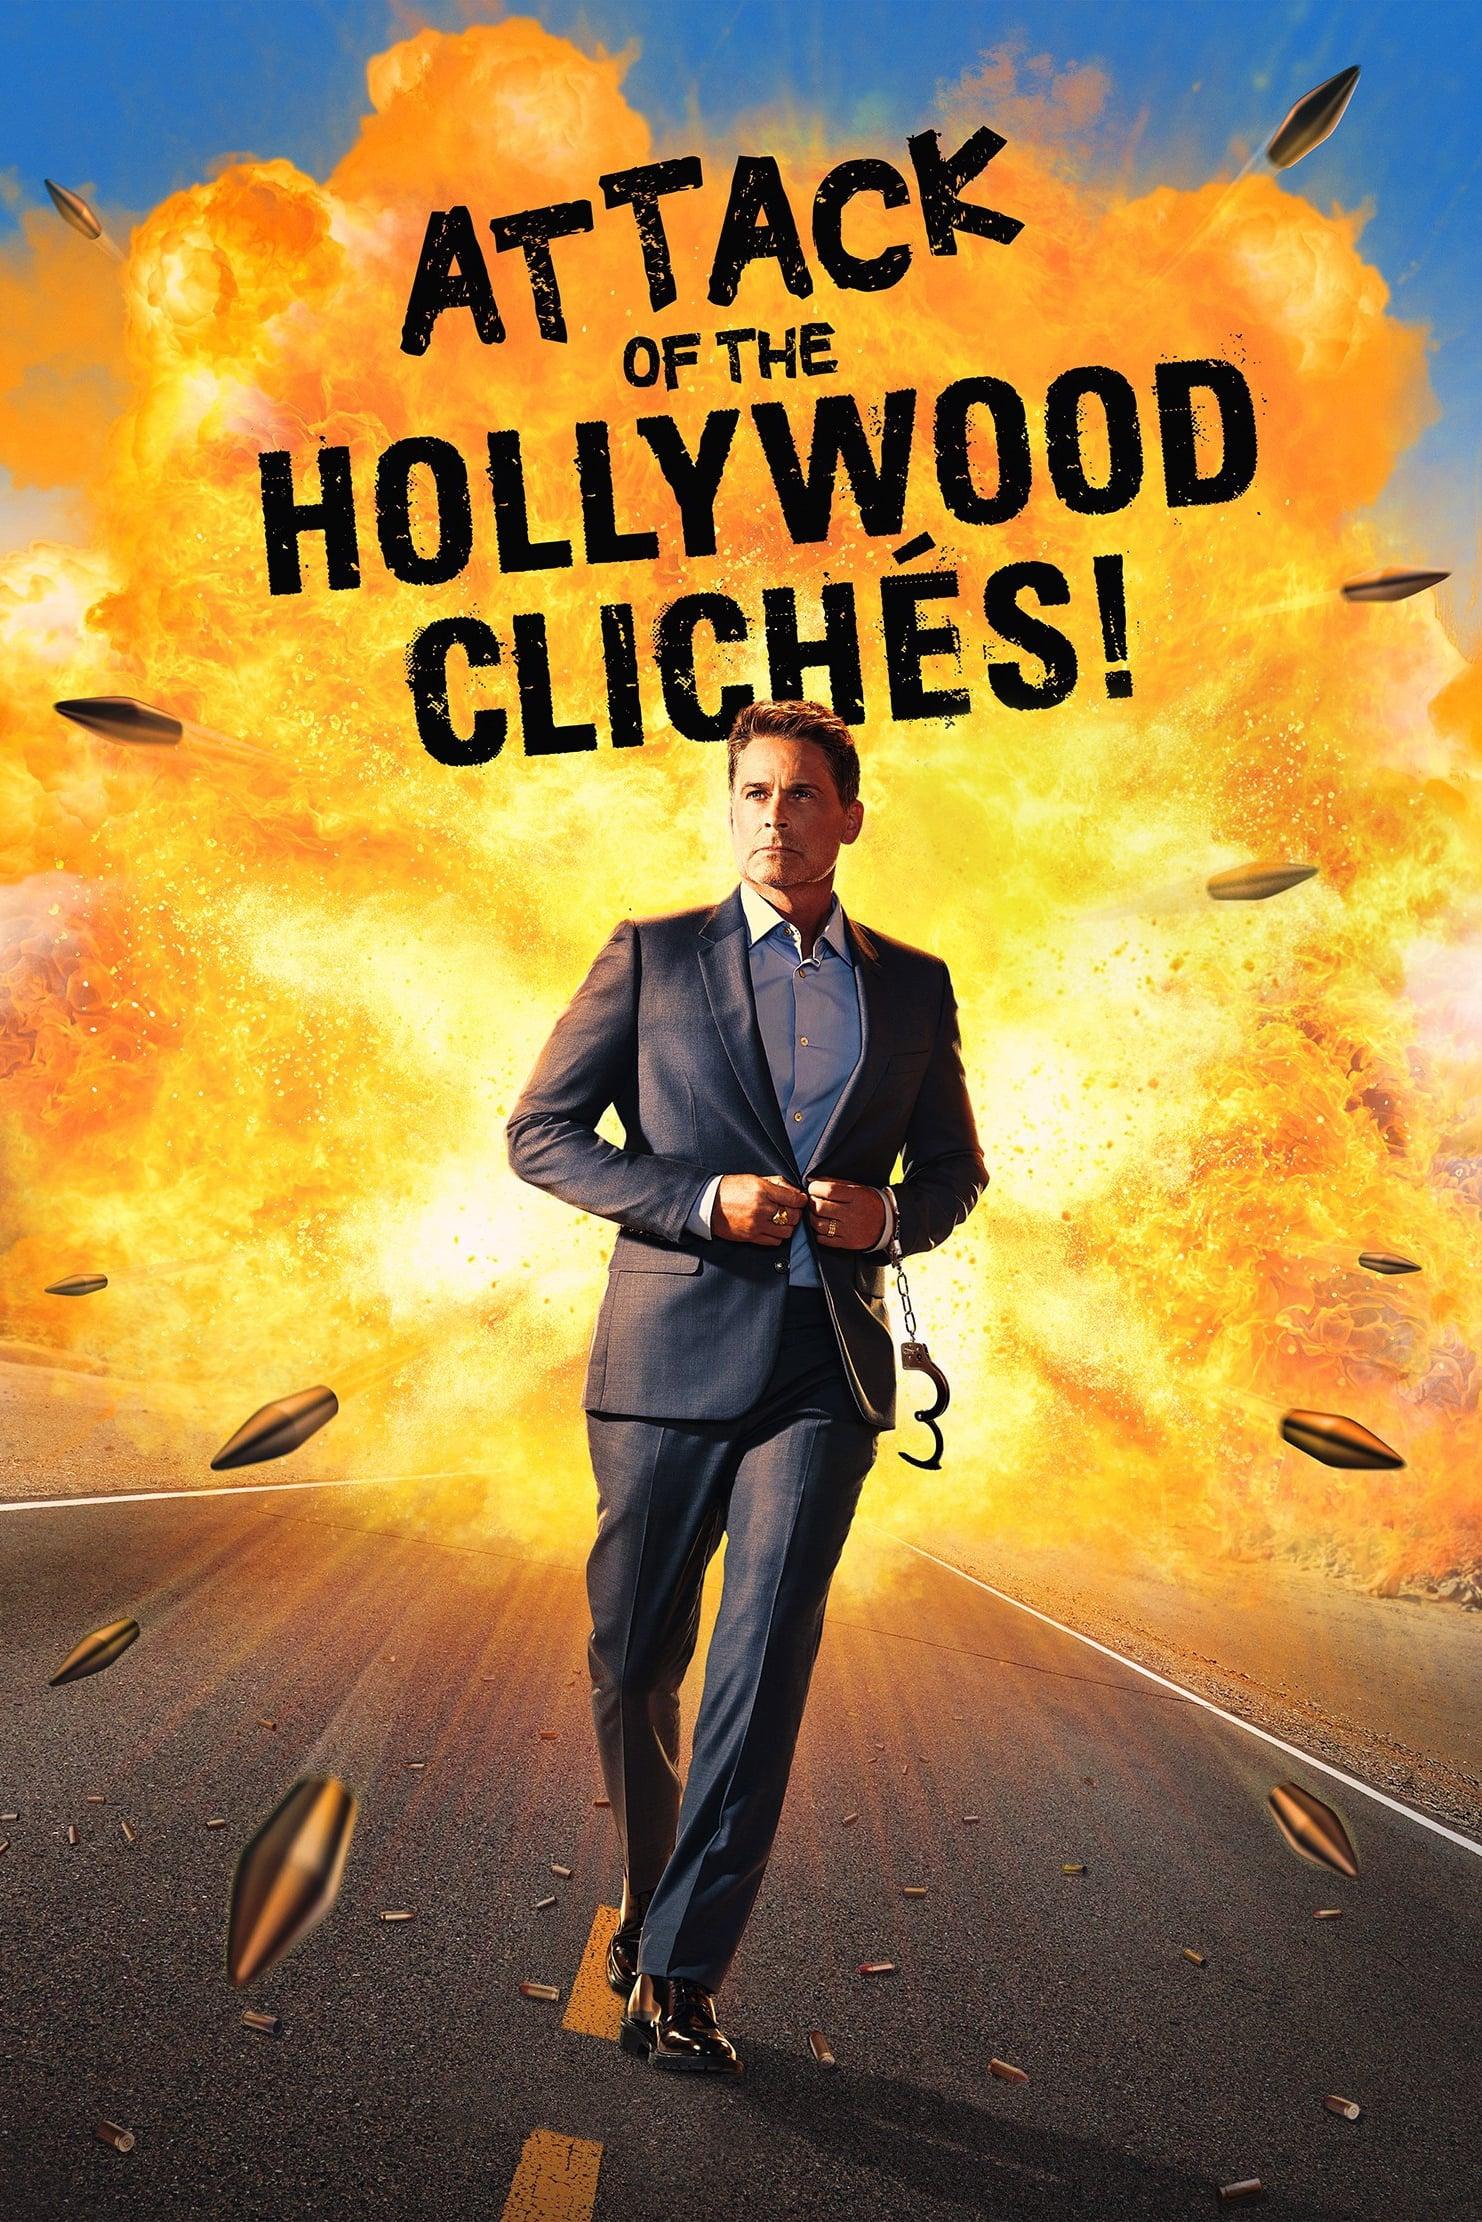 Angriff der Hollywood-Klischees!